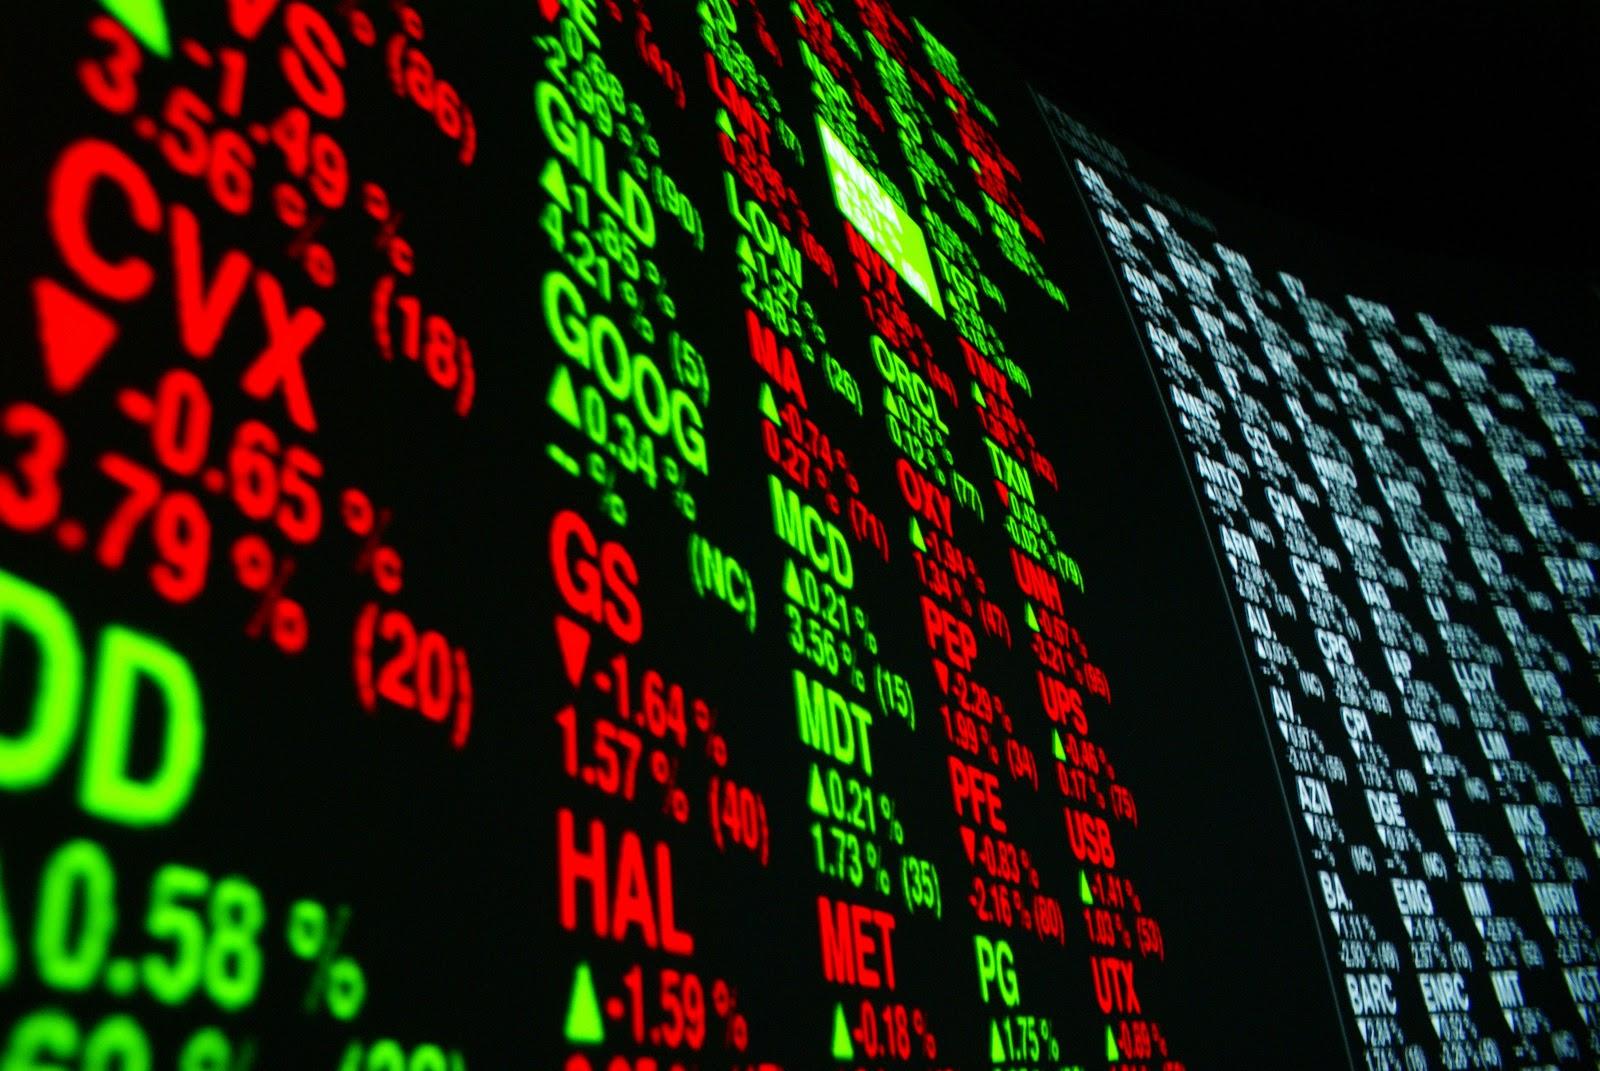 Sistema-Trading